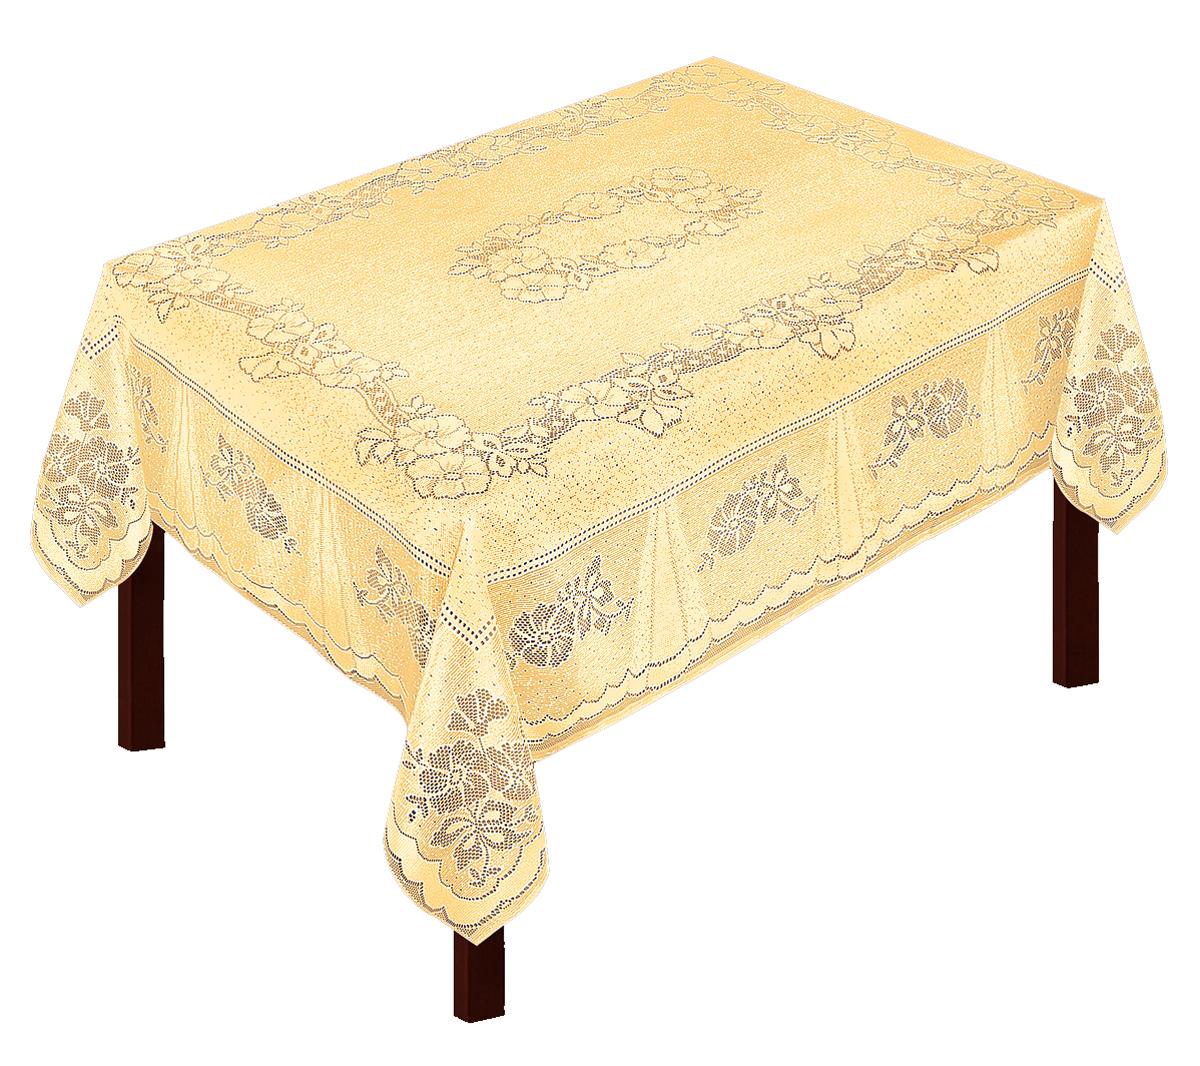 Скатерть Zlata Korunka, прямоугольная, цвет: золотистый, 175 х 150 см80031Скатерть выполнена из полиэстера жаккардового переплетения, не скользит со стола, легко стирается и прослужит Вам долгое время.